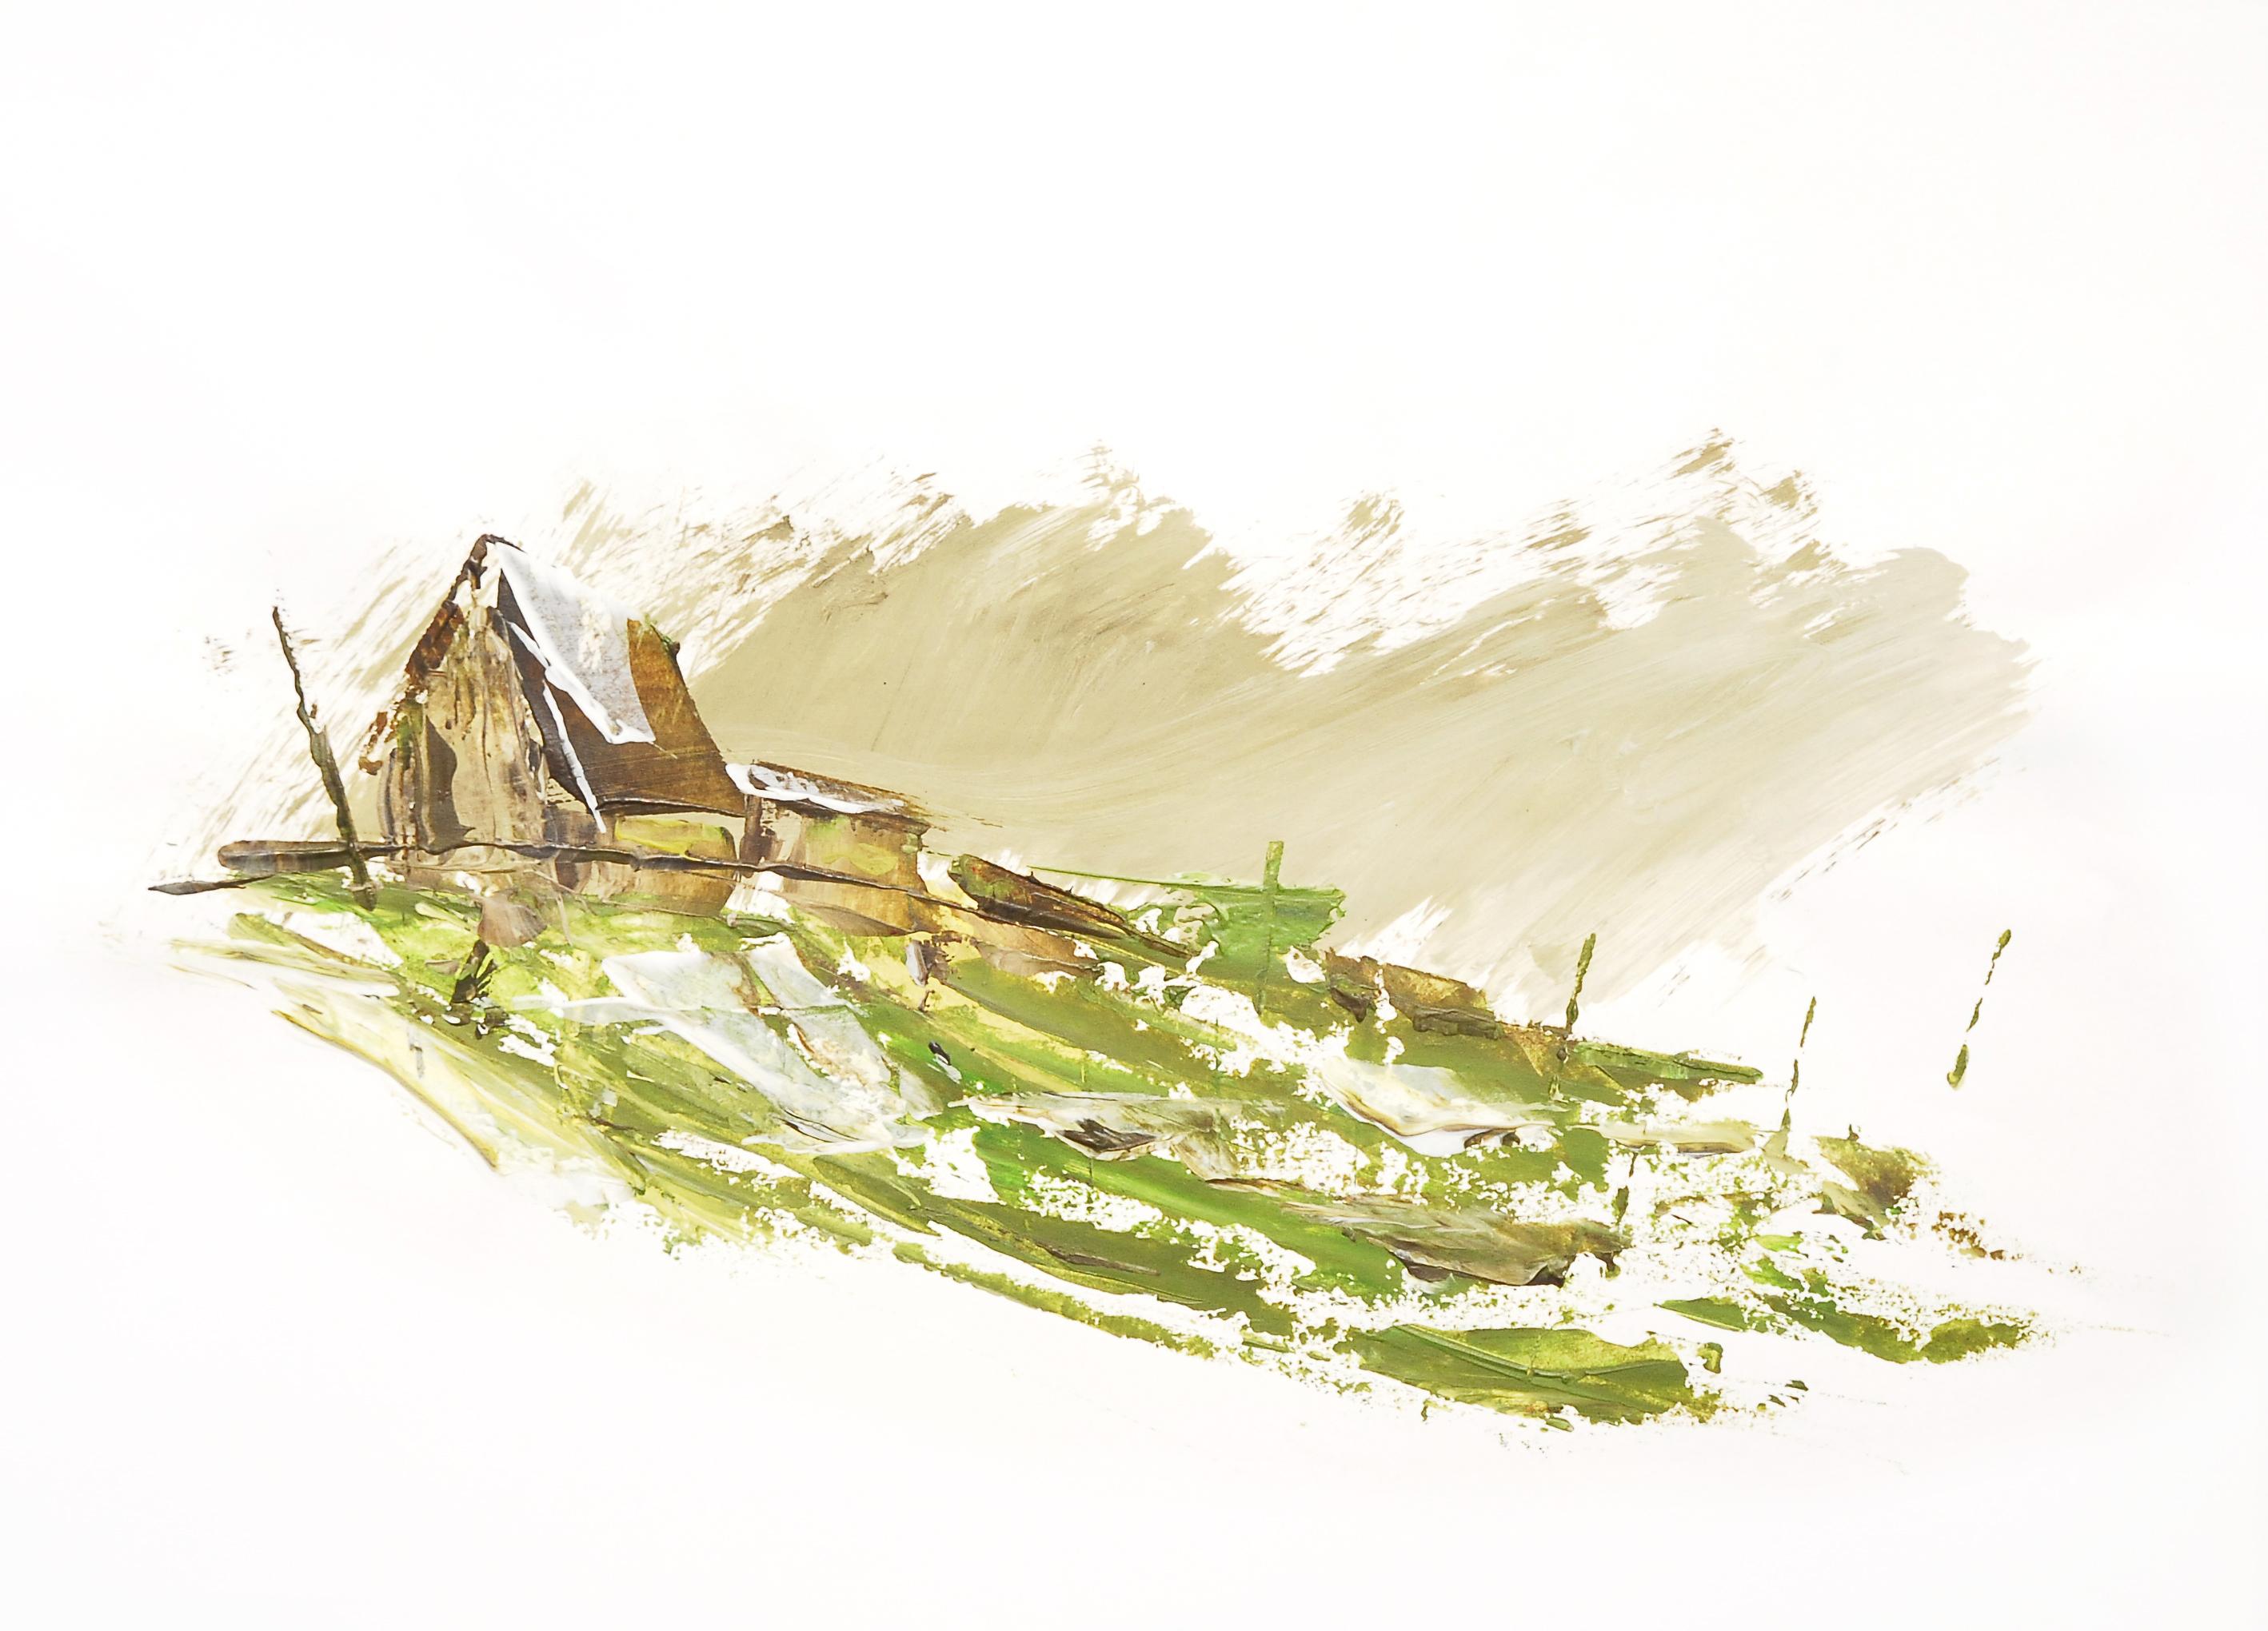 Farbskizze von einem Haus mit grüner Landschaft